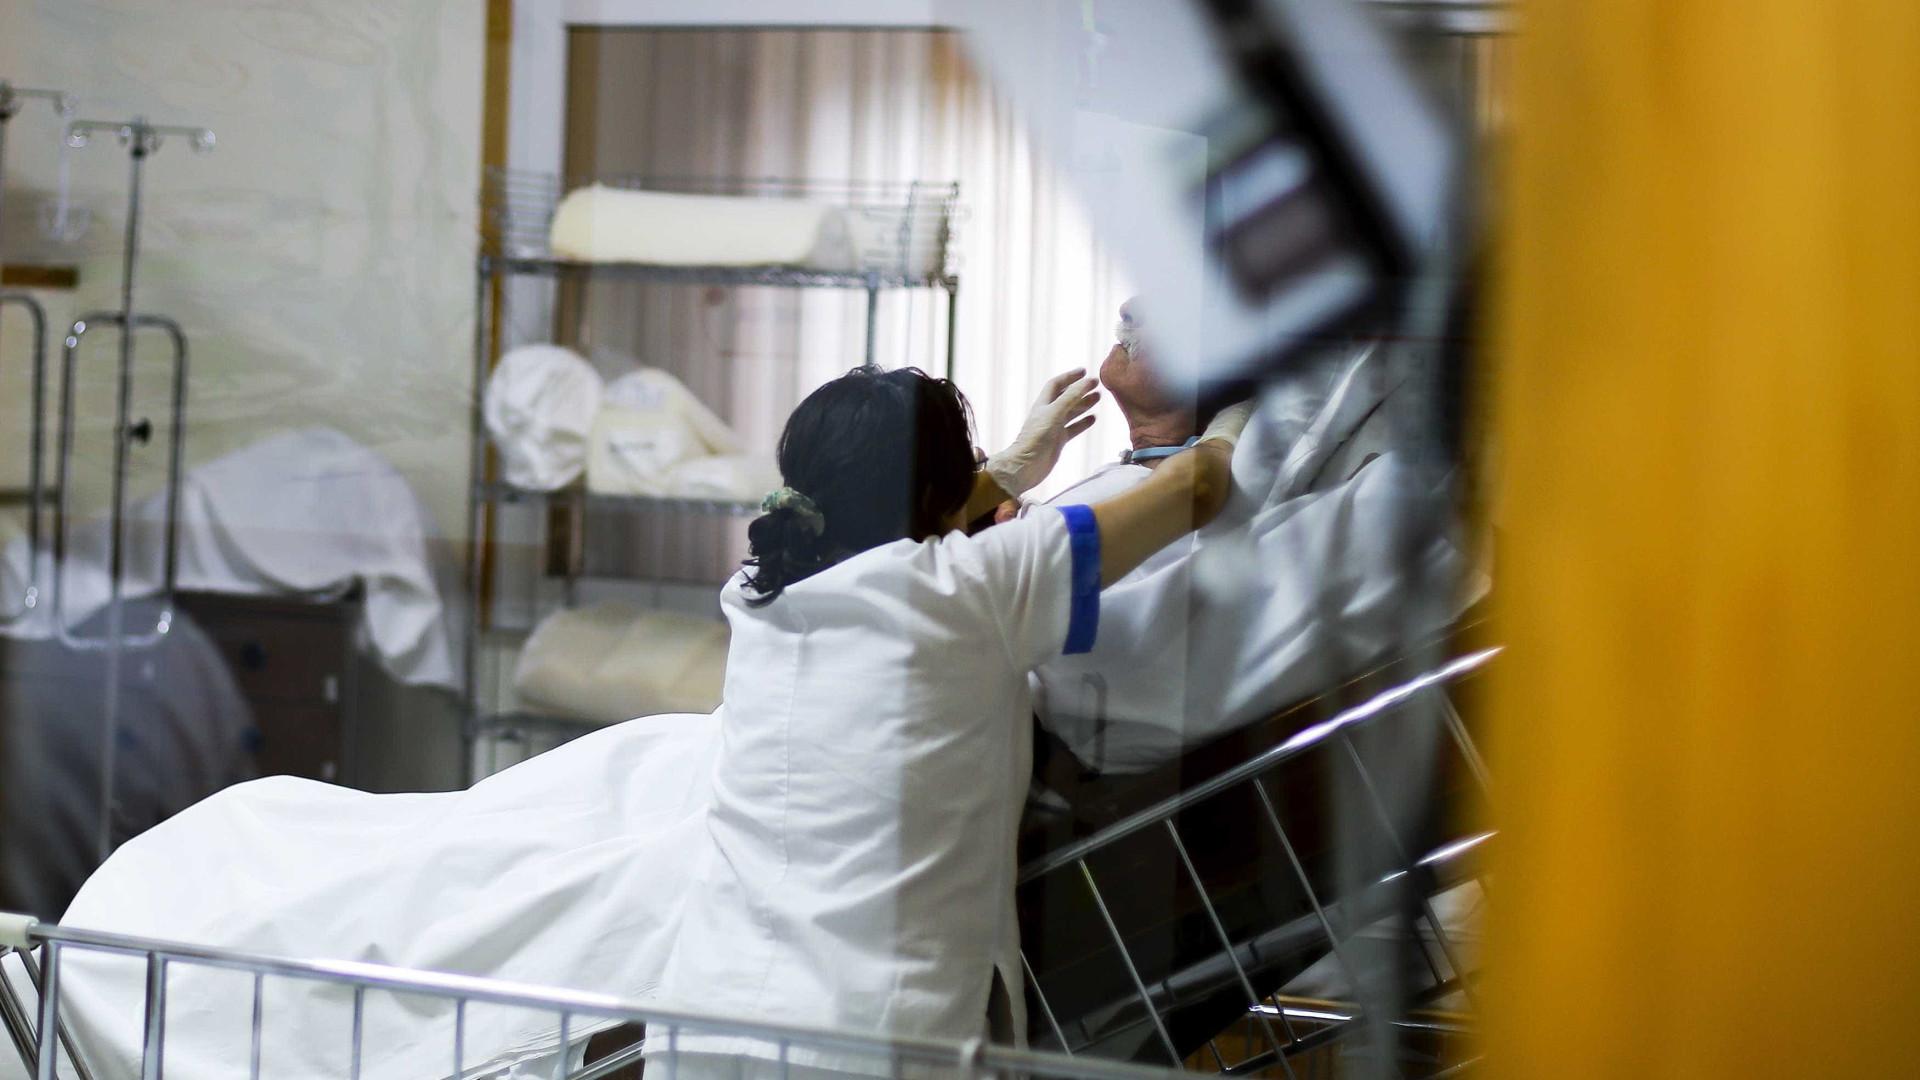 Administradora do Hospital da Terceira nega interferência em evacuação